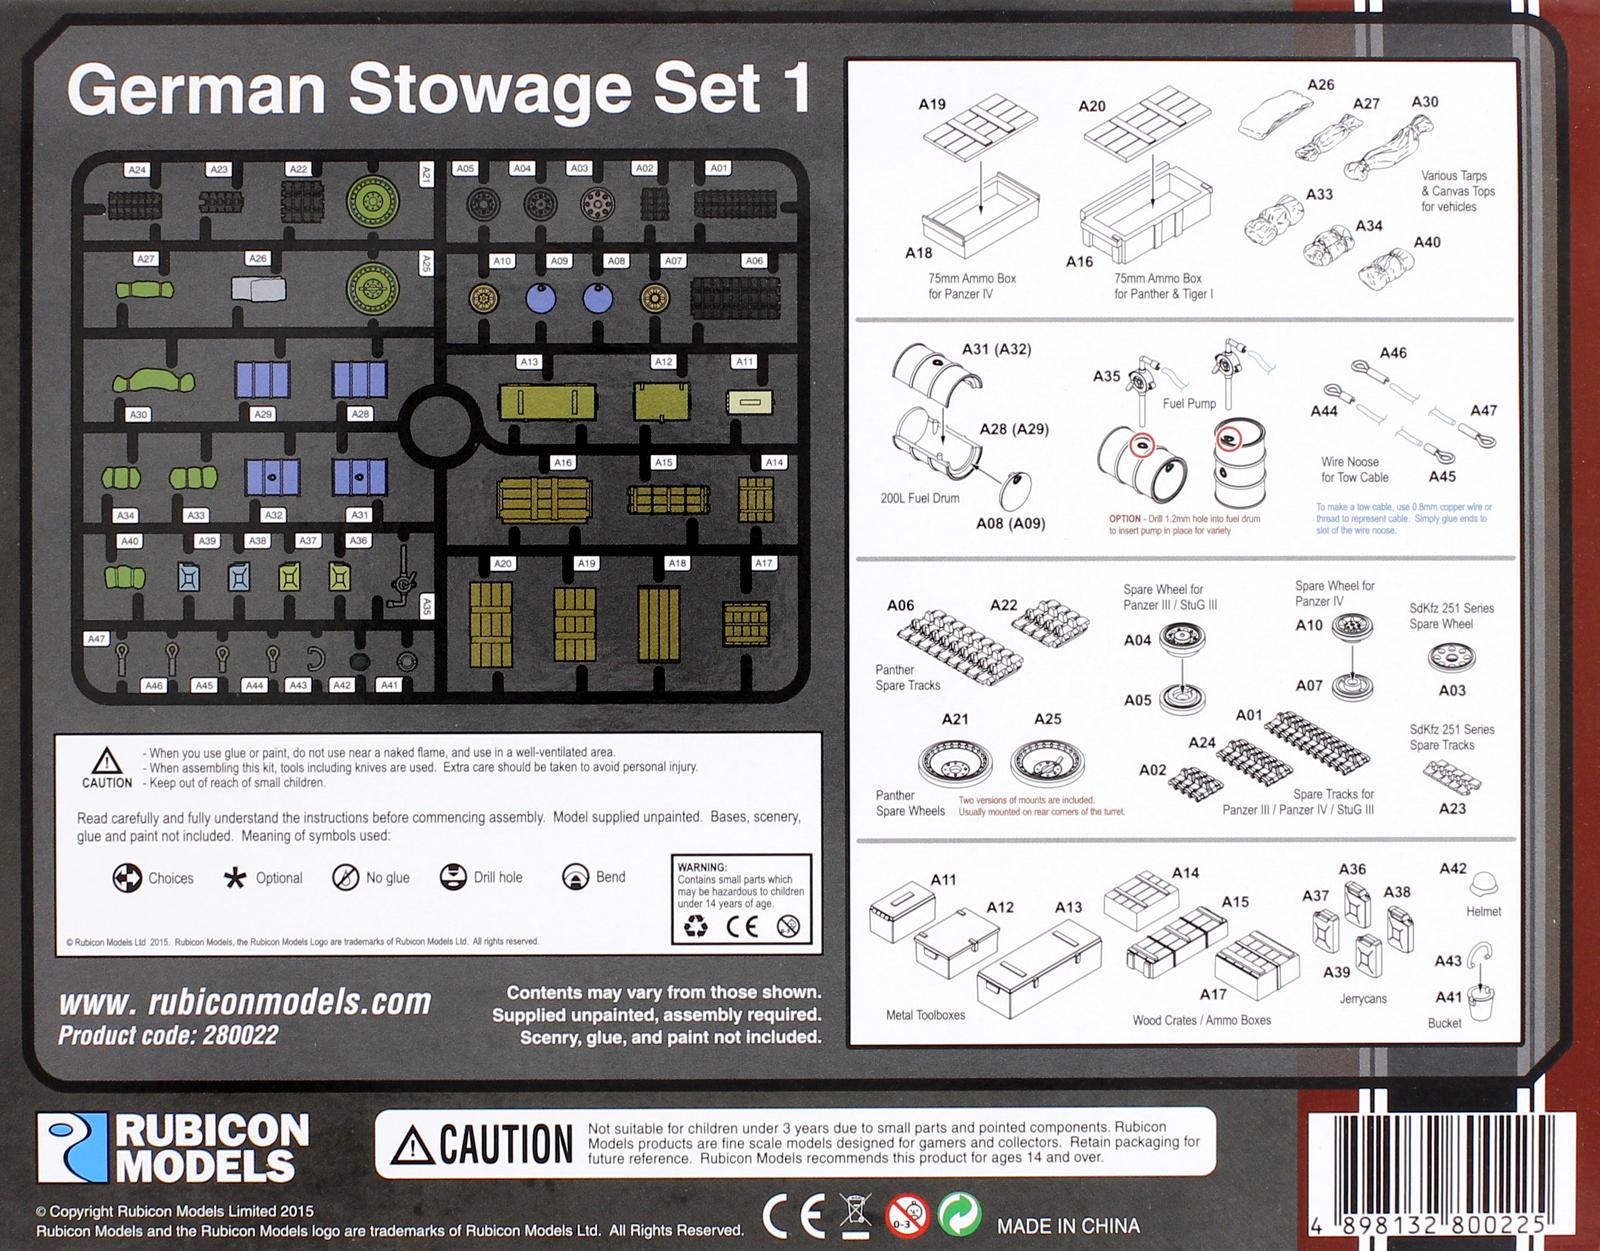 Rubicon 1/56 German Stowage Set image